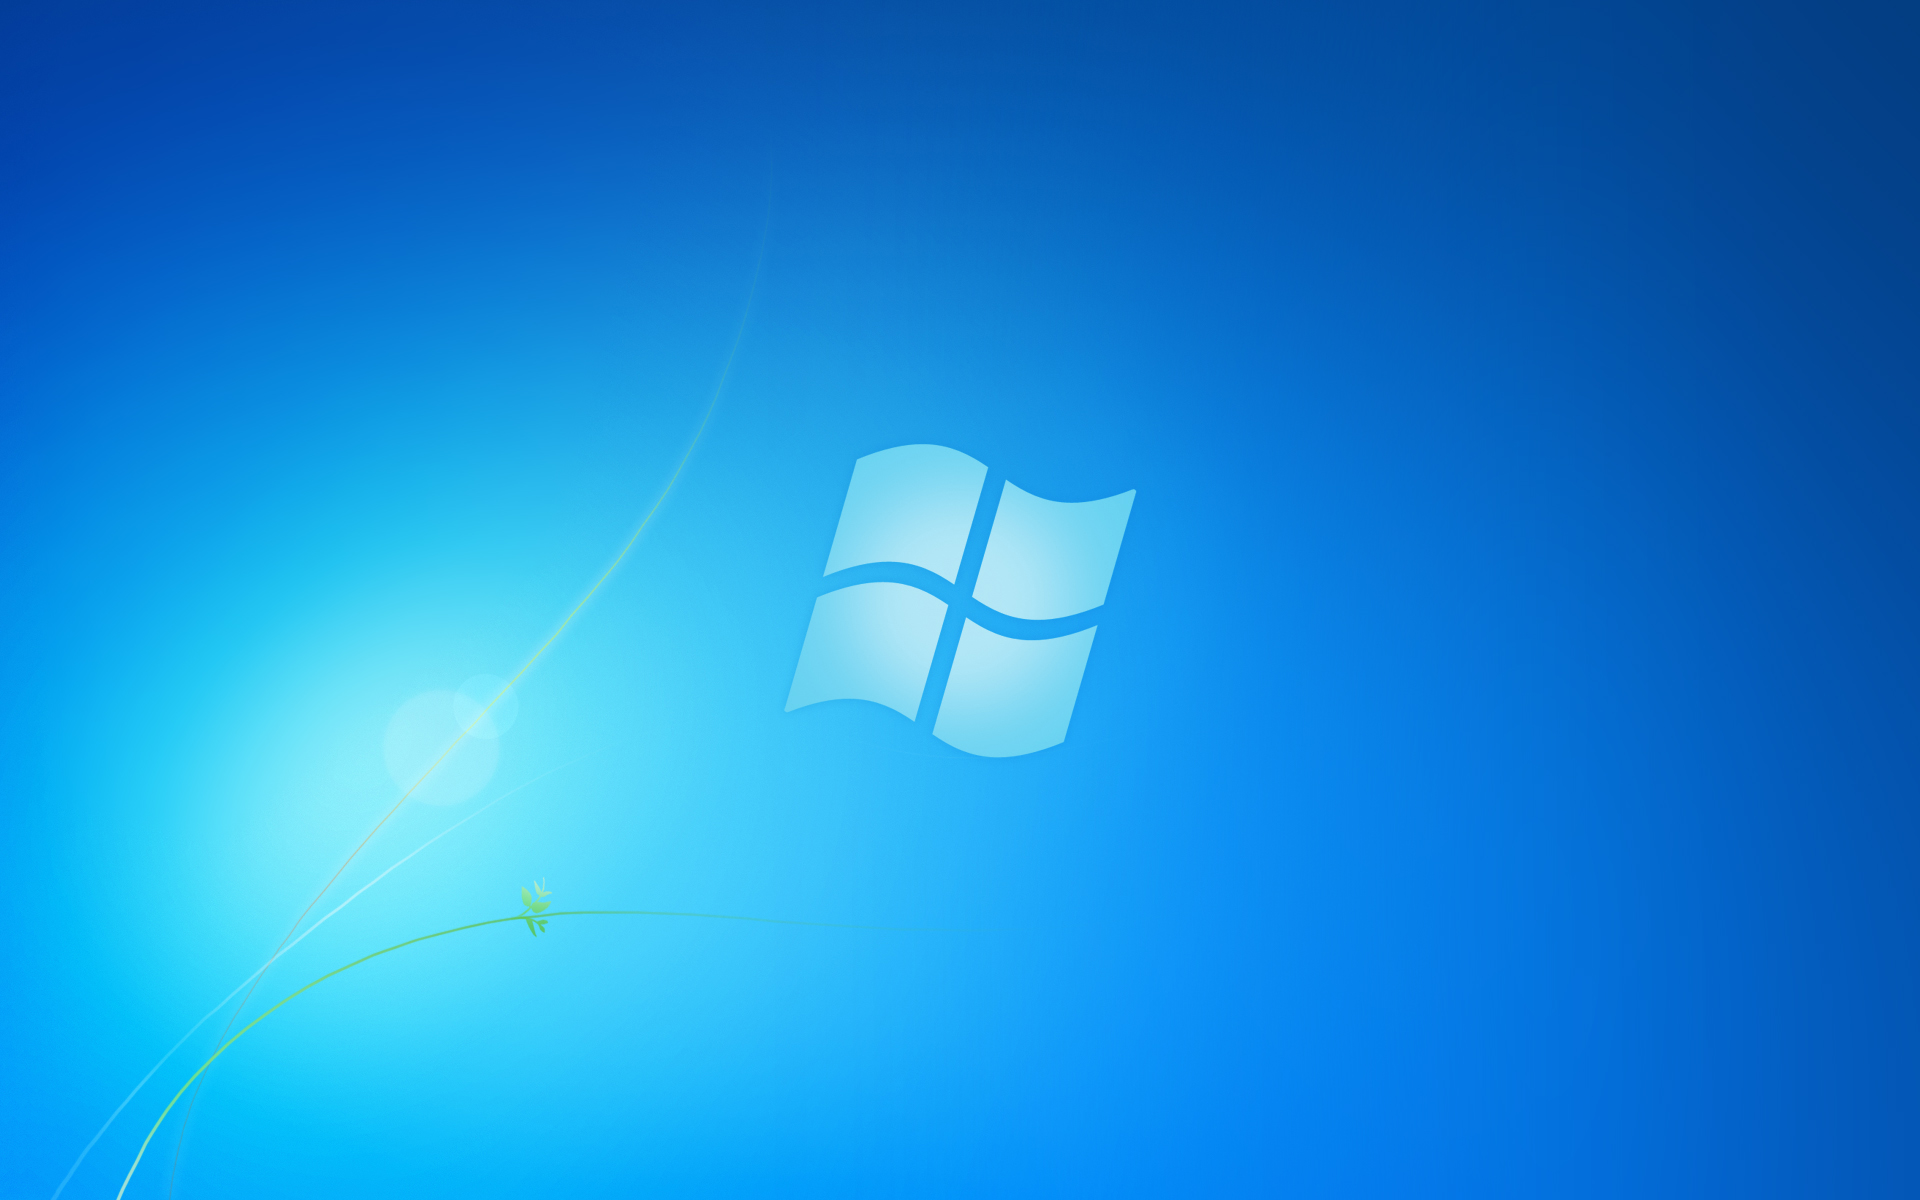 High Resolution Wallpaper | Windows 7 1920x1200 px